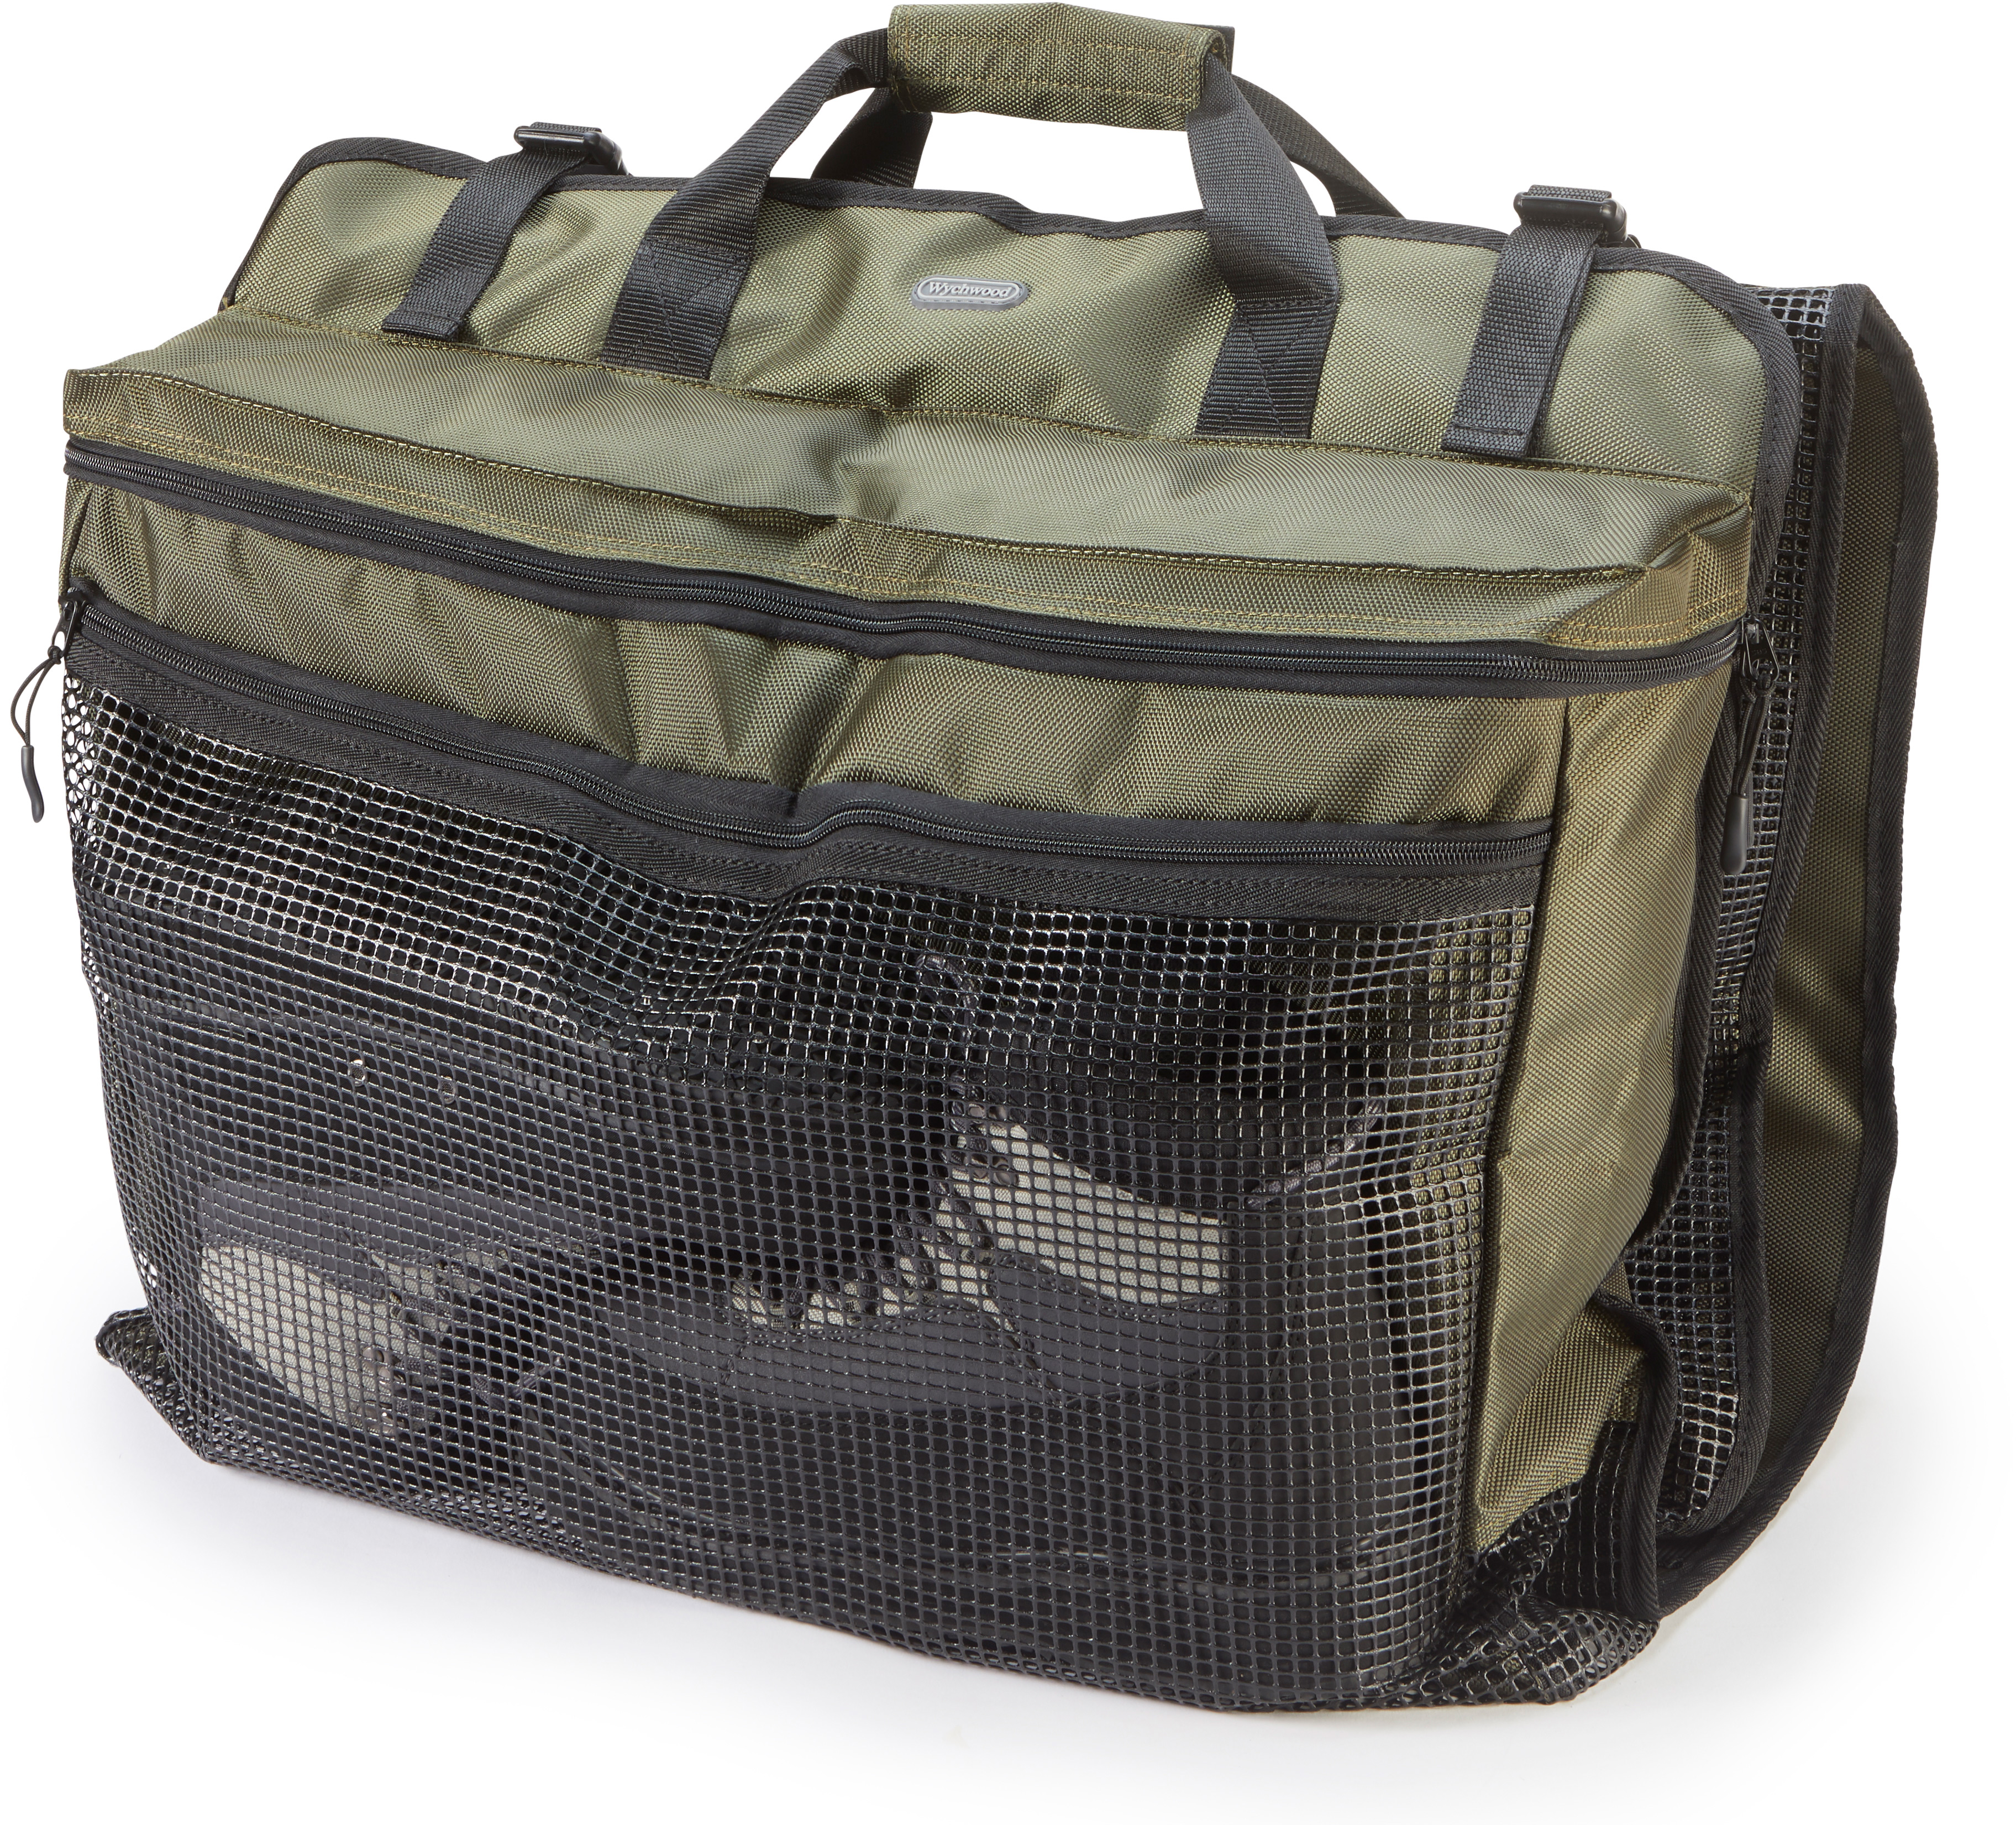 New Wader Bag